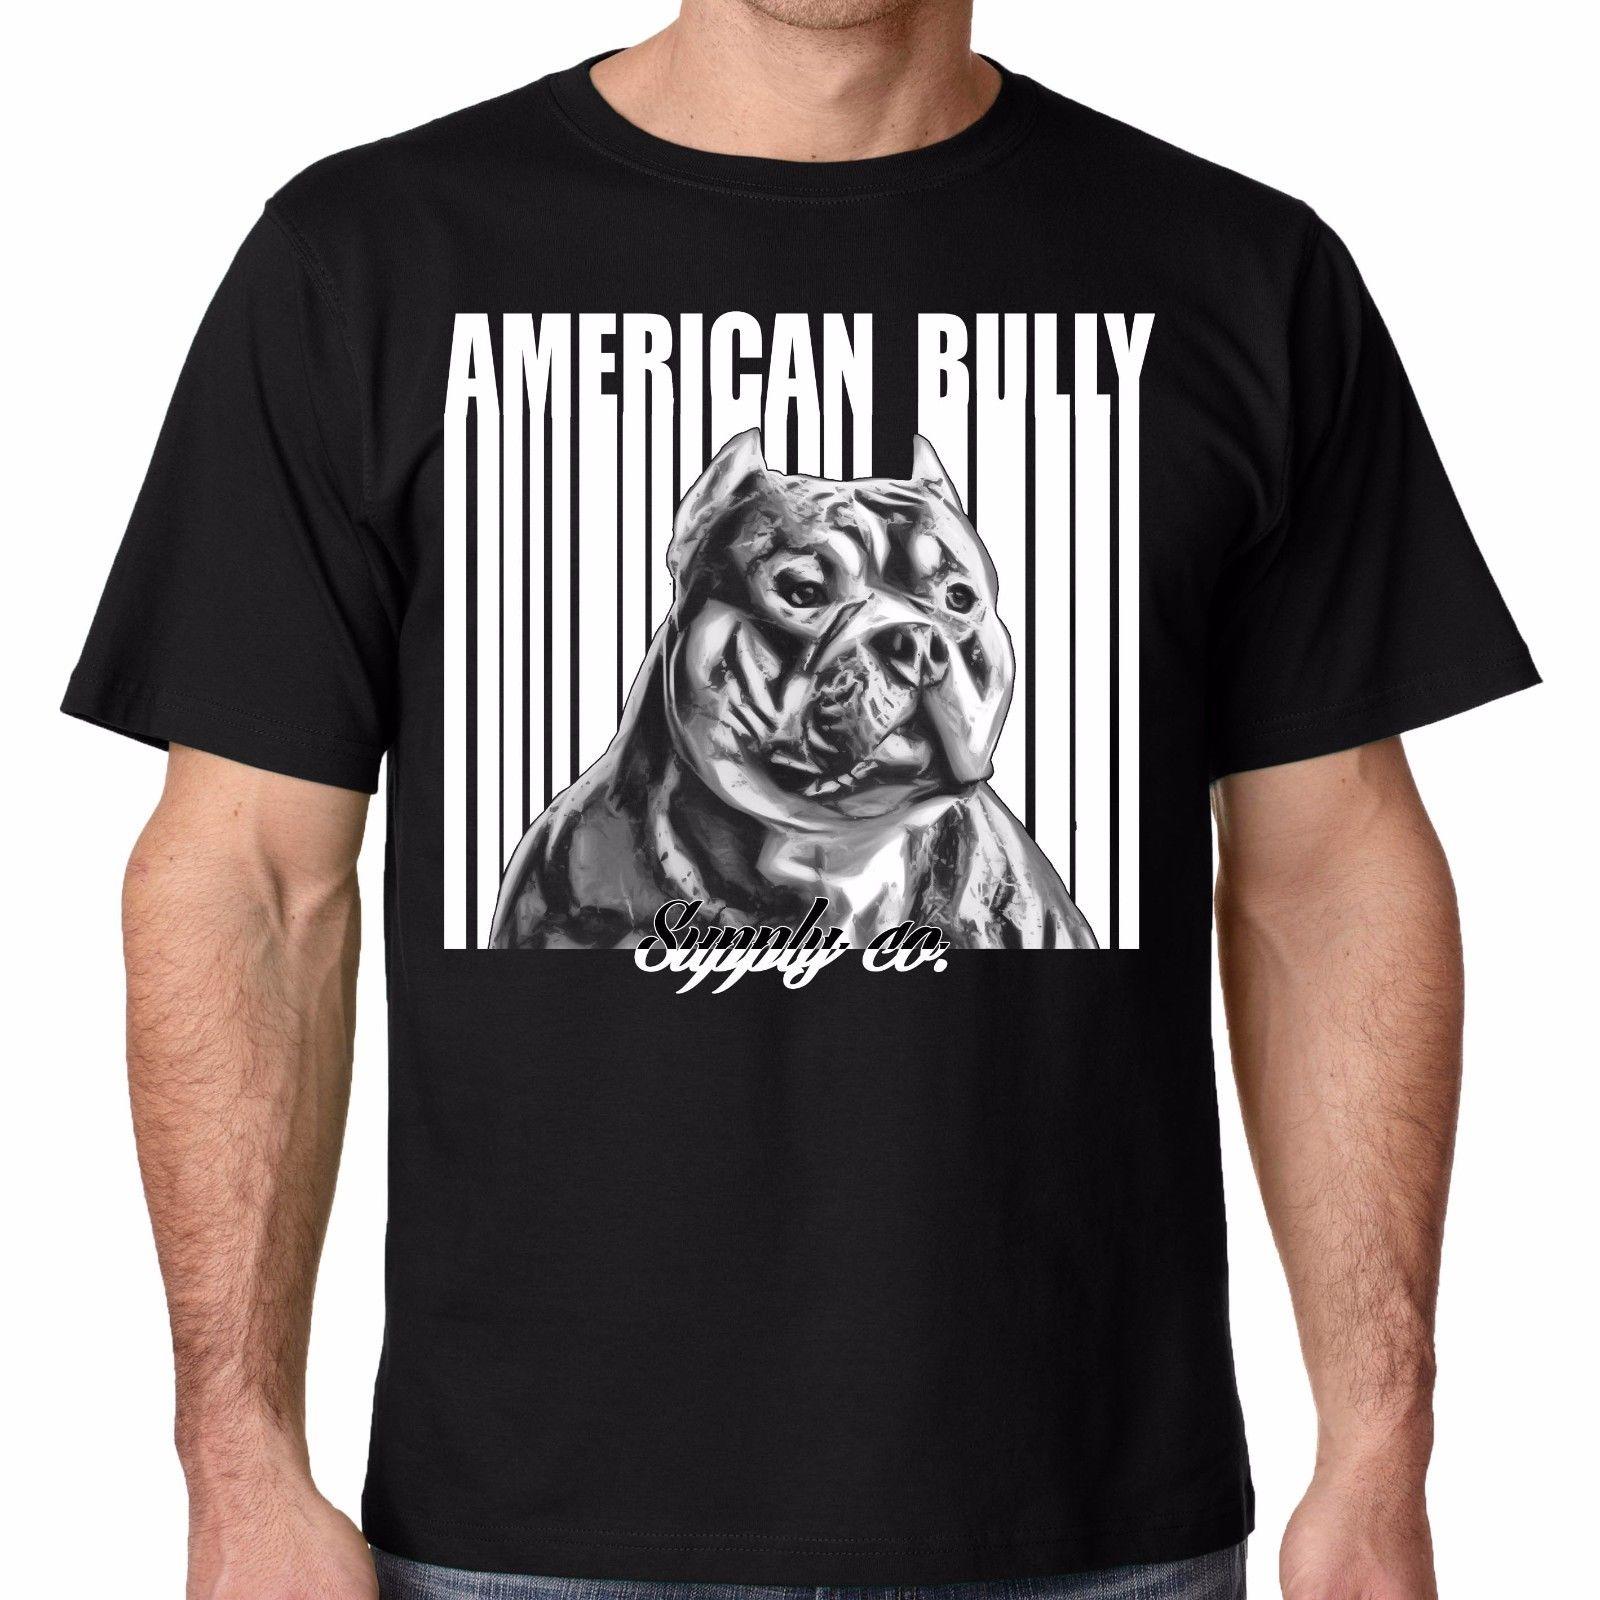 Футболка со штрих-кодом pit bull and bully breed для любителей американского быка и питбула! Крутая Повседневная футболка для мужчин, унисекс, модная